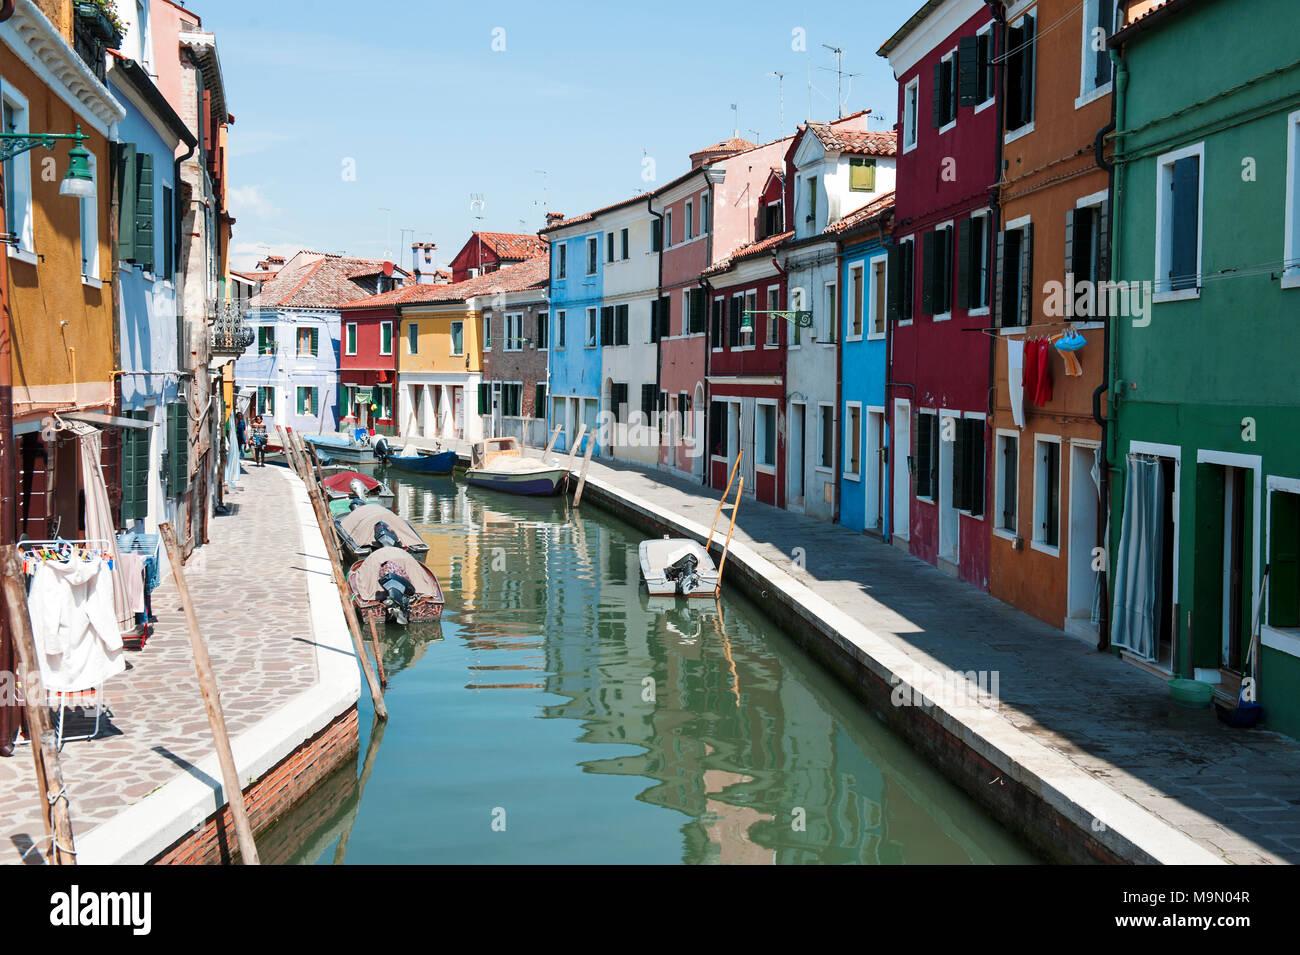 BURANO, Venecia, Italia - 16 de abril de 2017 : Vista del canal y vistosamente coloridas casas en un día soleado Imagen De Stock